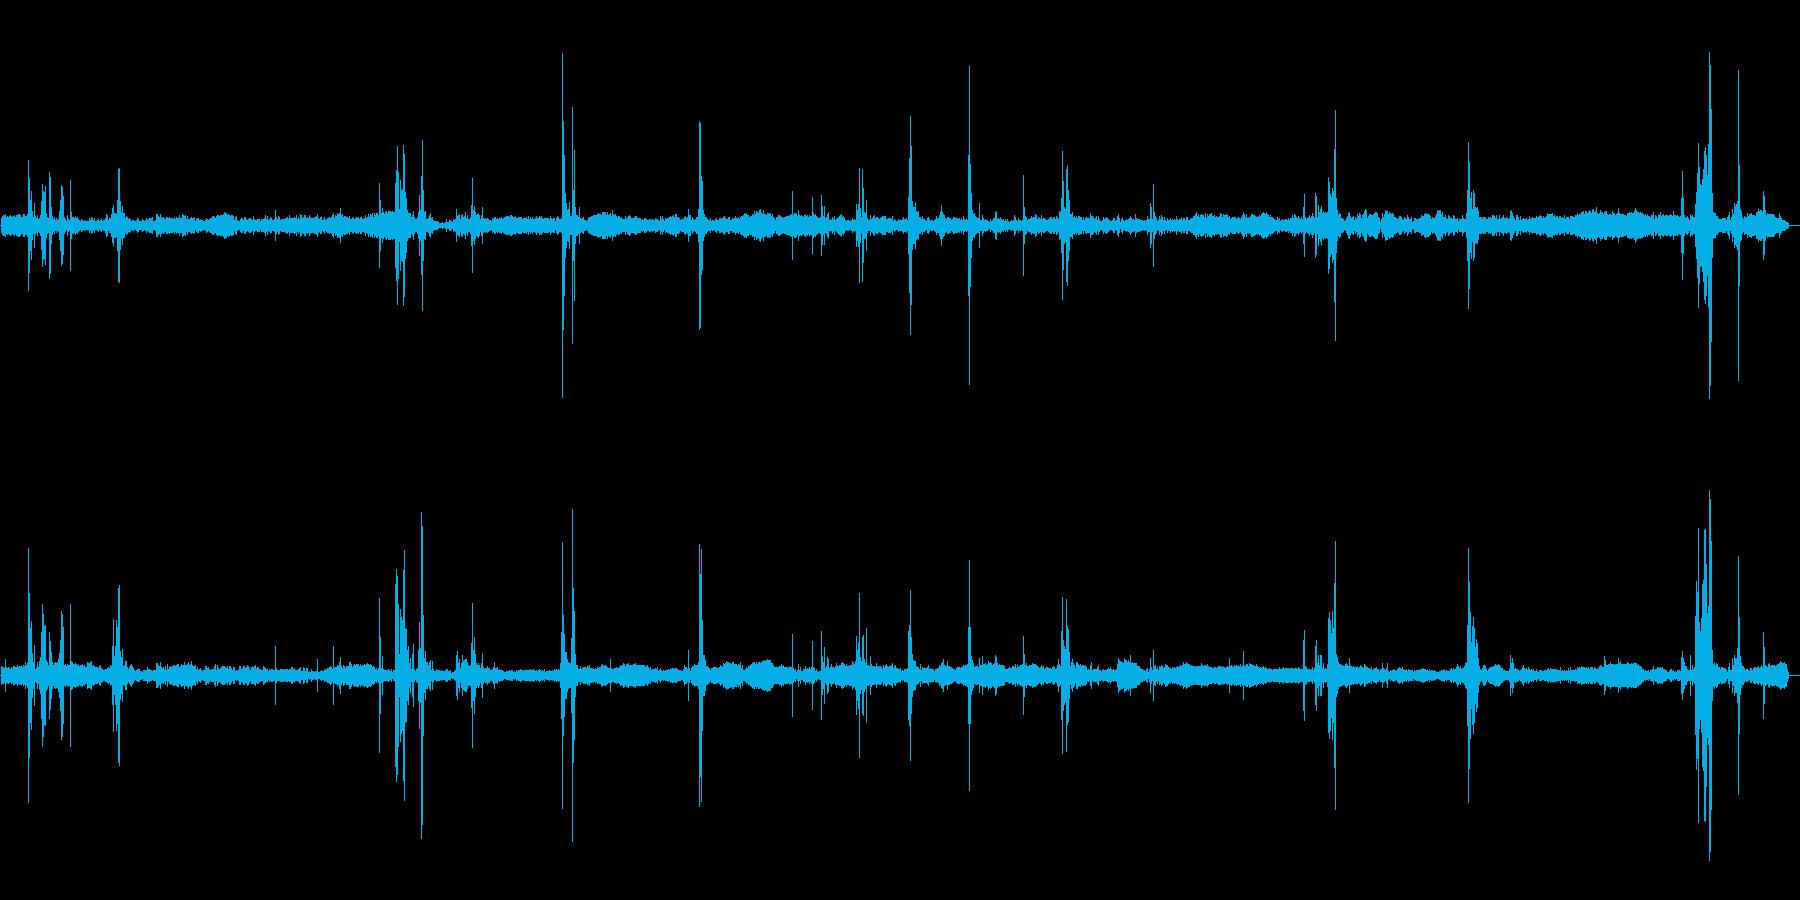 ぬるぬるタコの張り付く音の再生済みの波形